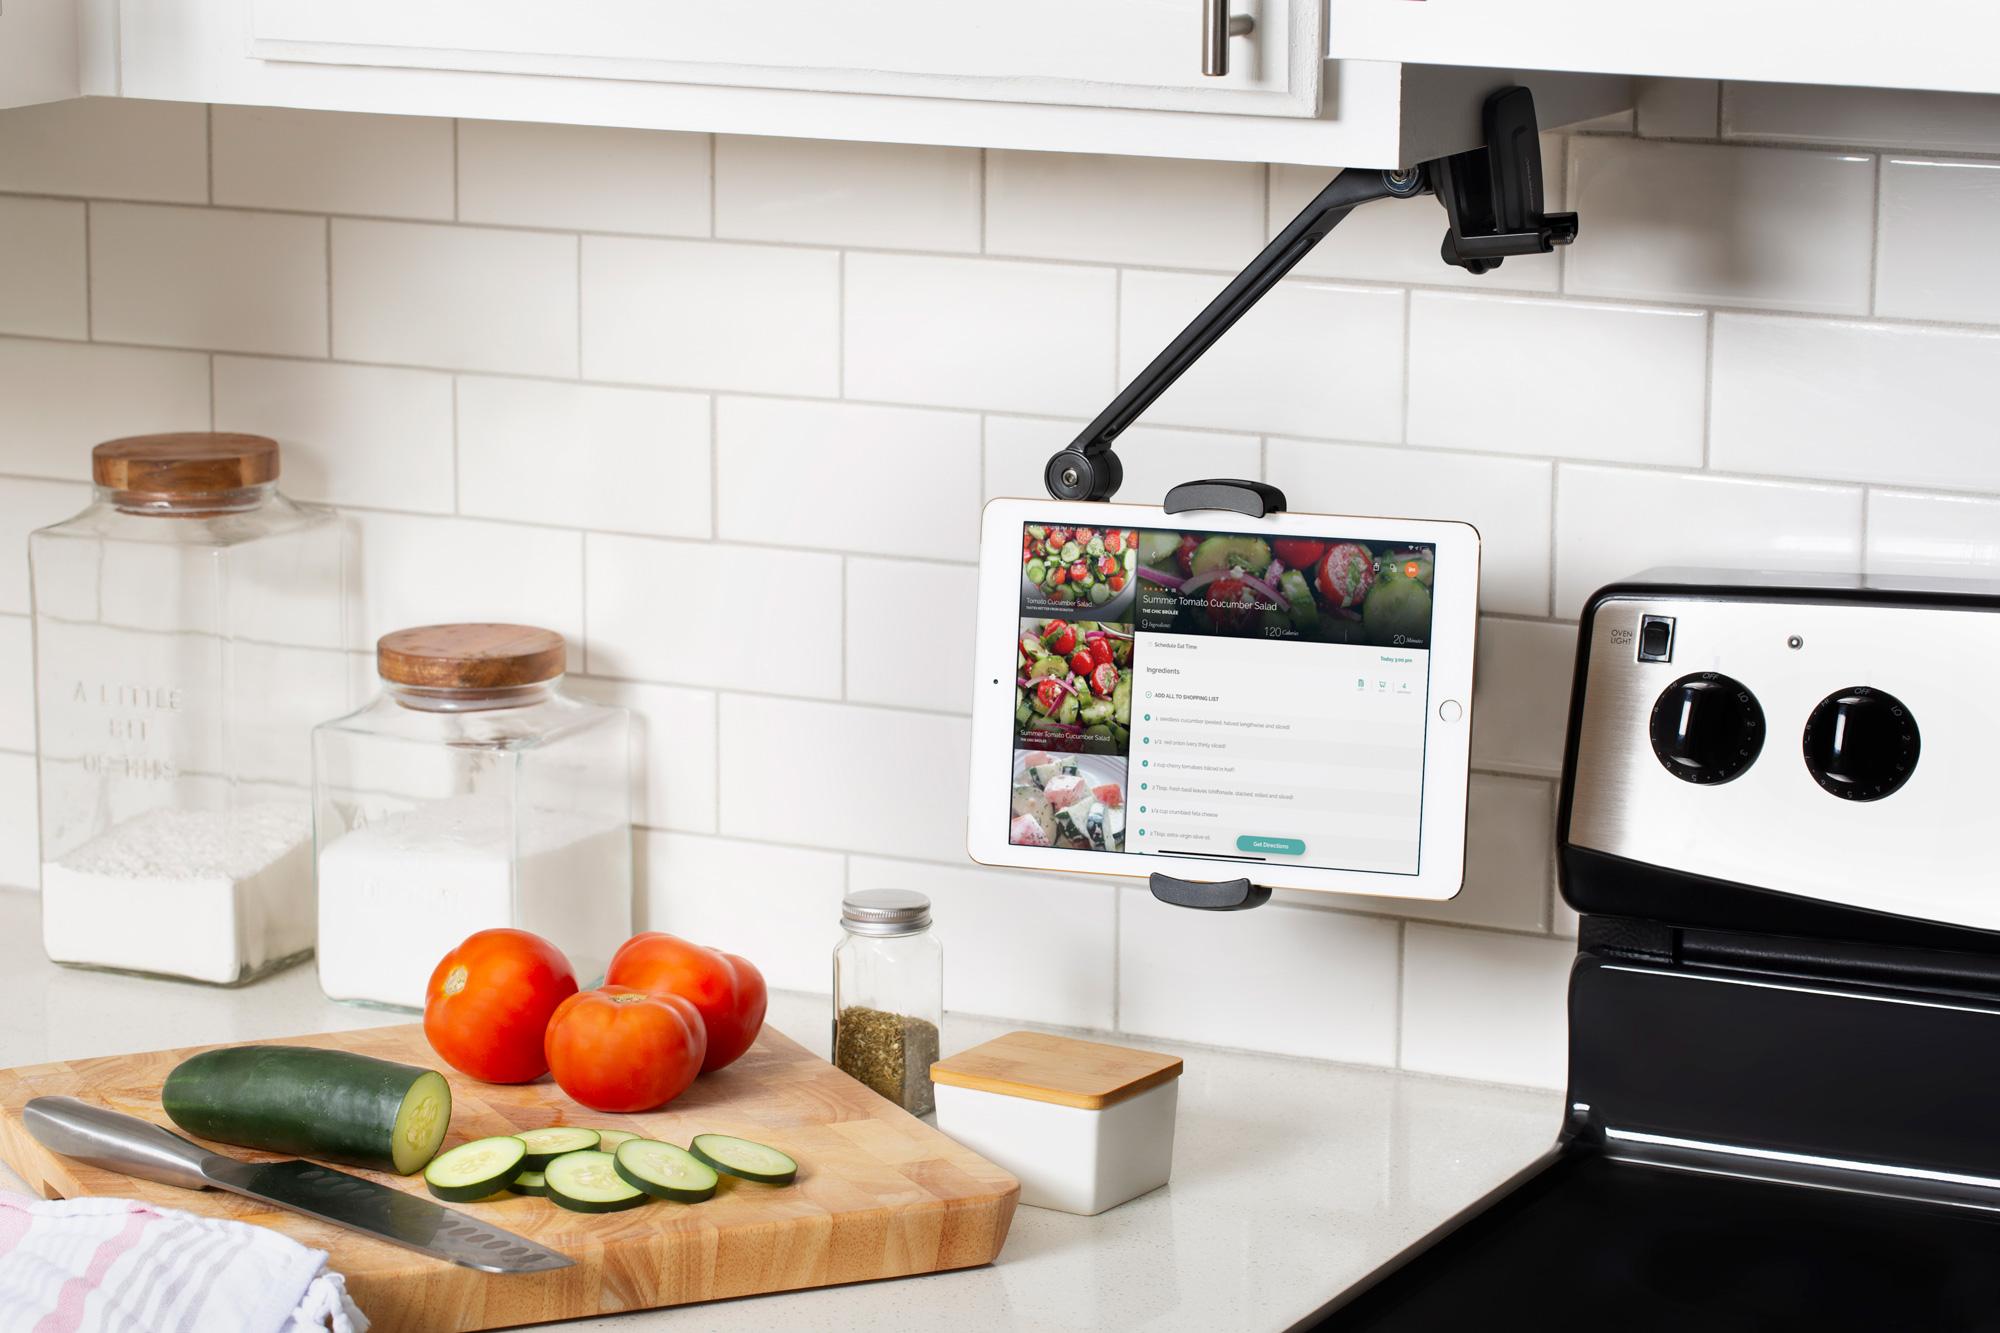 デスクトップでもキッチンでも。2種類の使い方ができるiPadスタンド